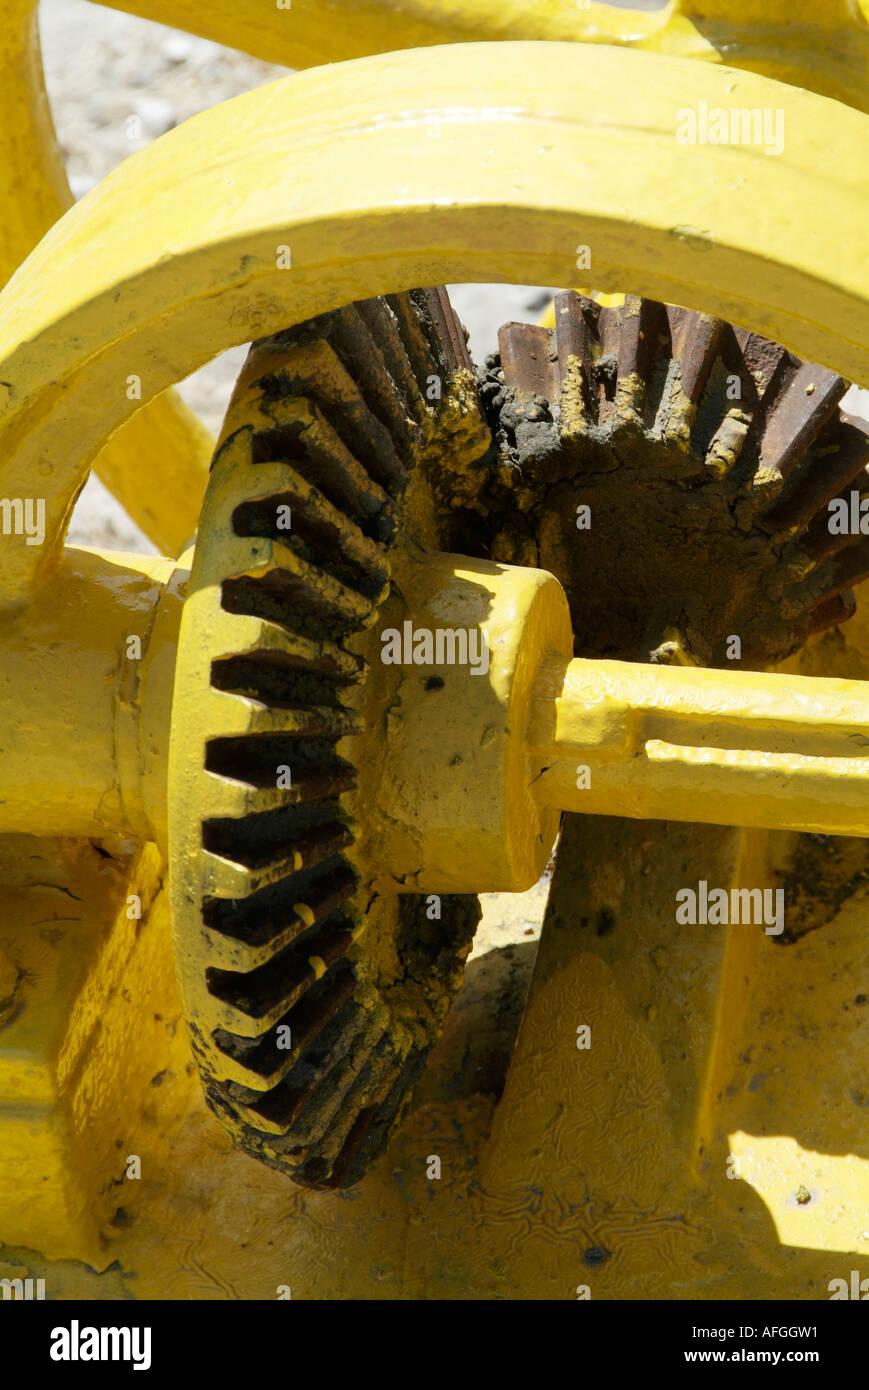 Gears, team, teamwork, cogs, cog, teeth, bevel, bevelled, machine, mesh, meshed, engineering, engineer, axle, turn, gear, wheel, - Stock Image